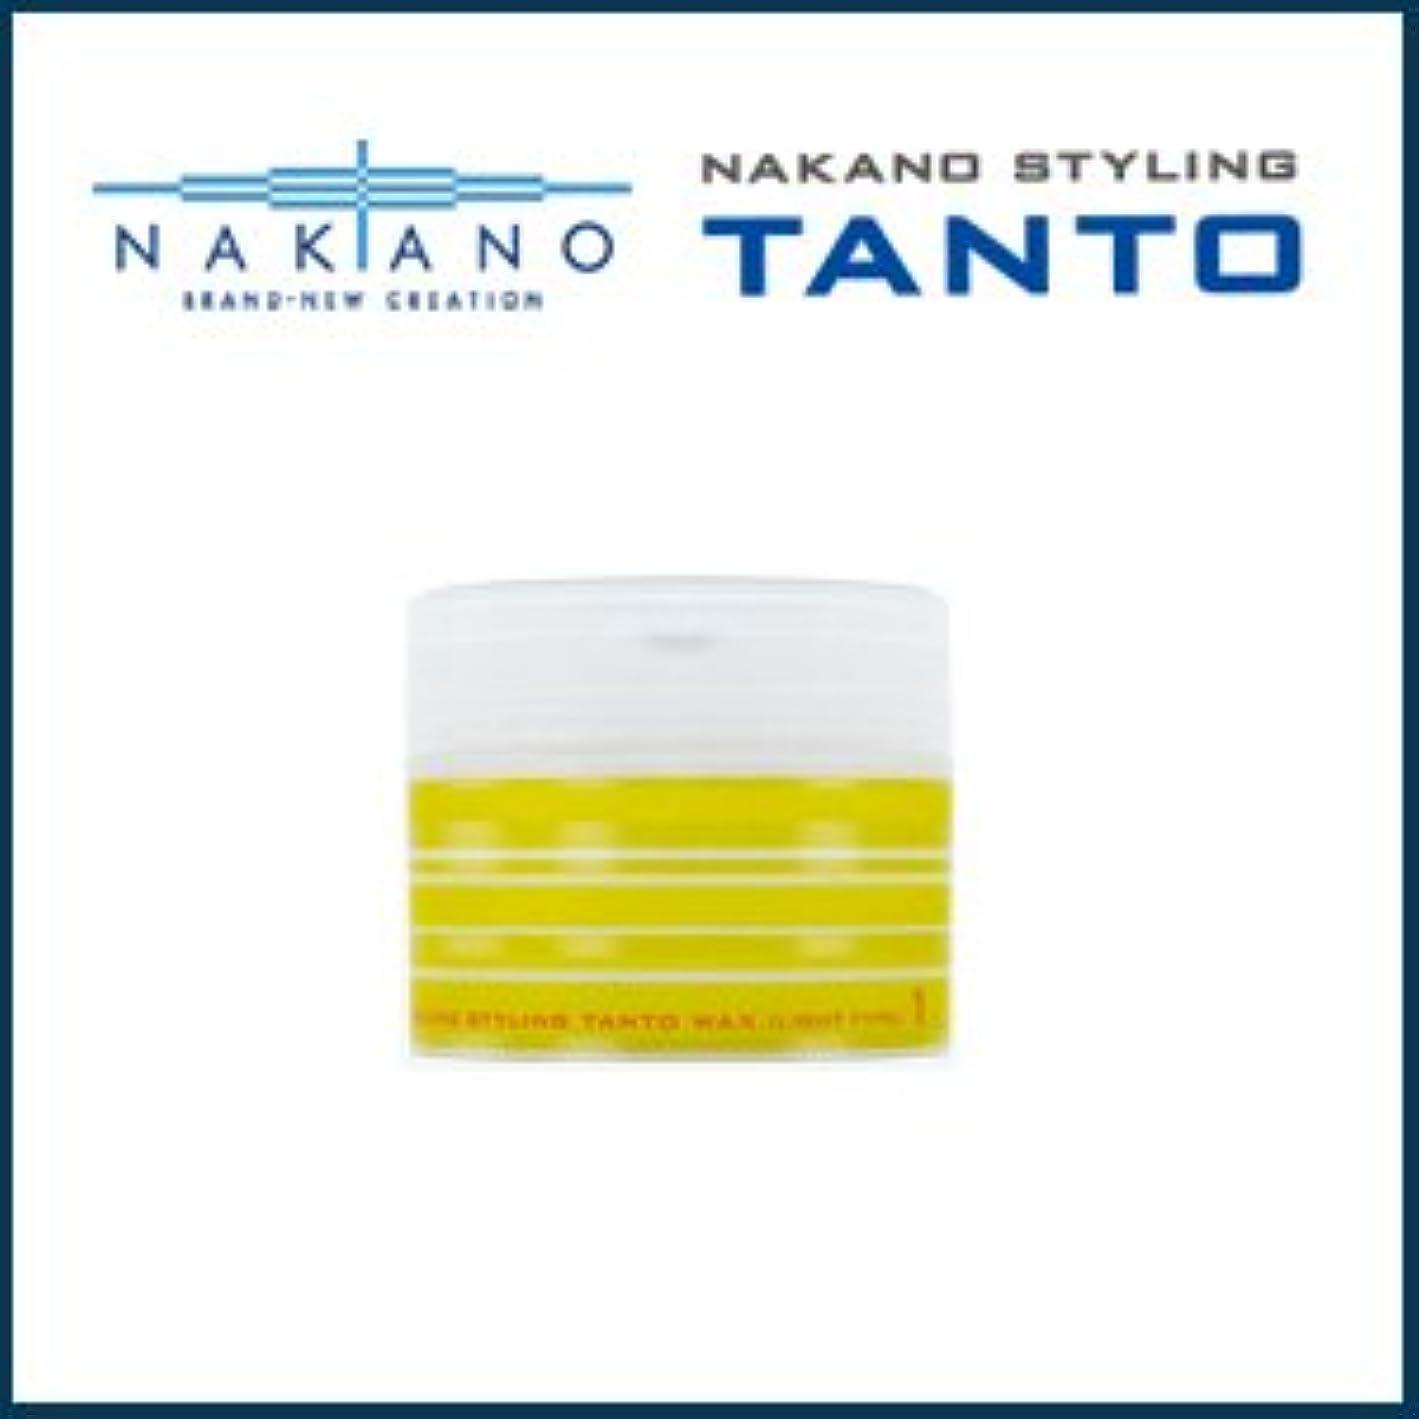 信頼性のあるキャンセル絶滅ナカノ タント Nワックス 1 ライトタイプ 90g 容器入り